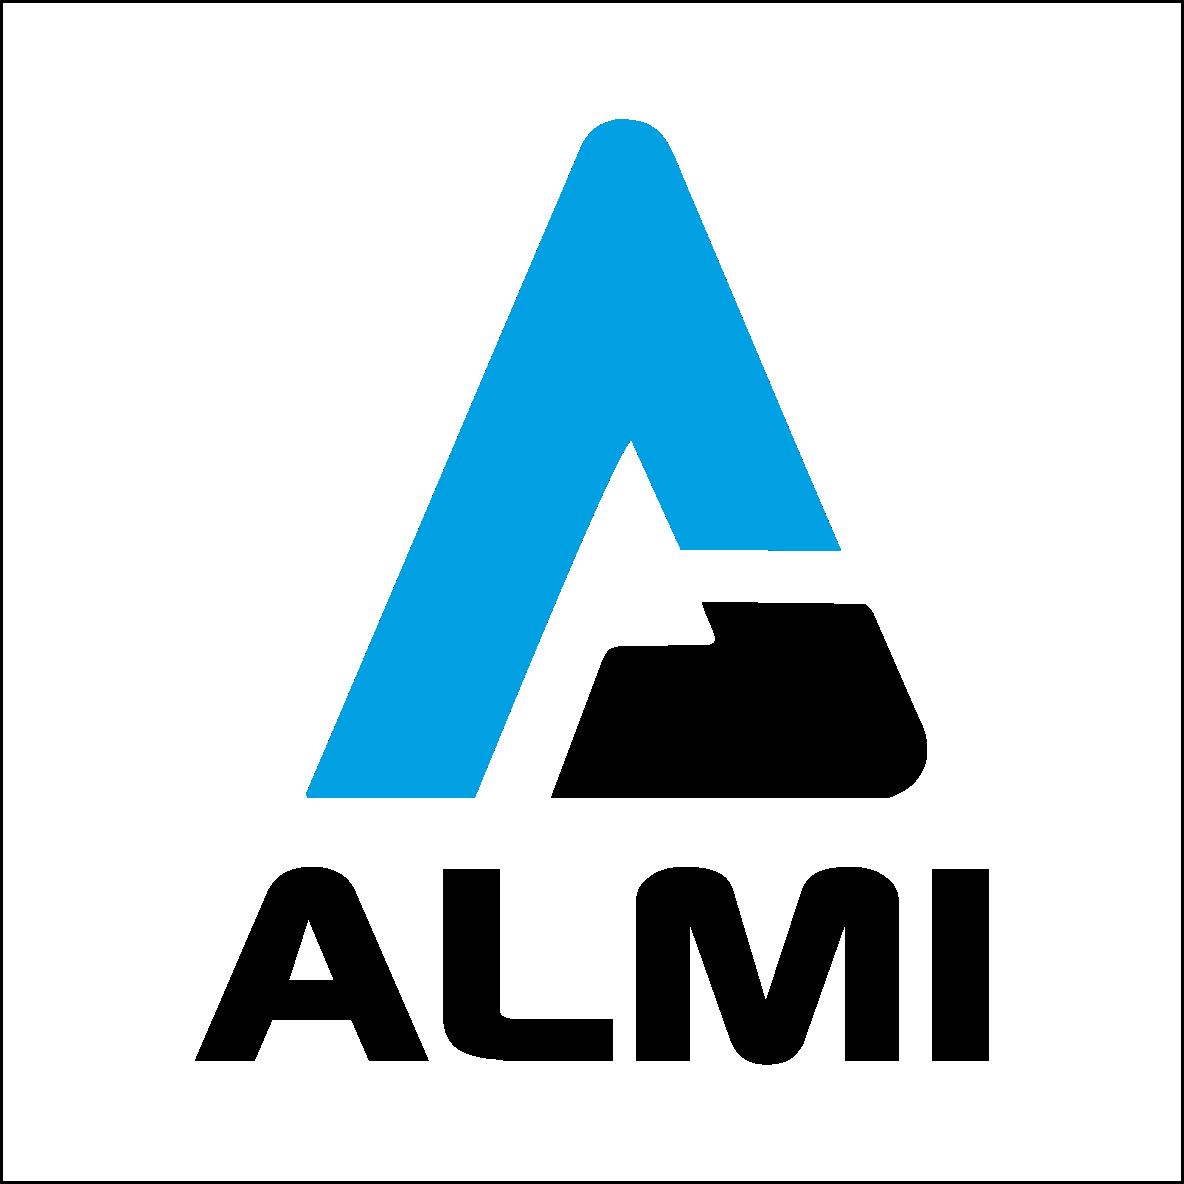 Разработка логотипа и фона фото f_609598acea35eb5e.png